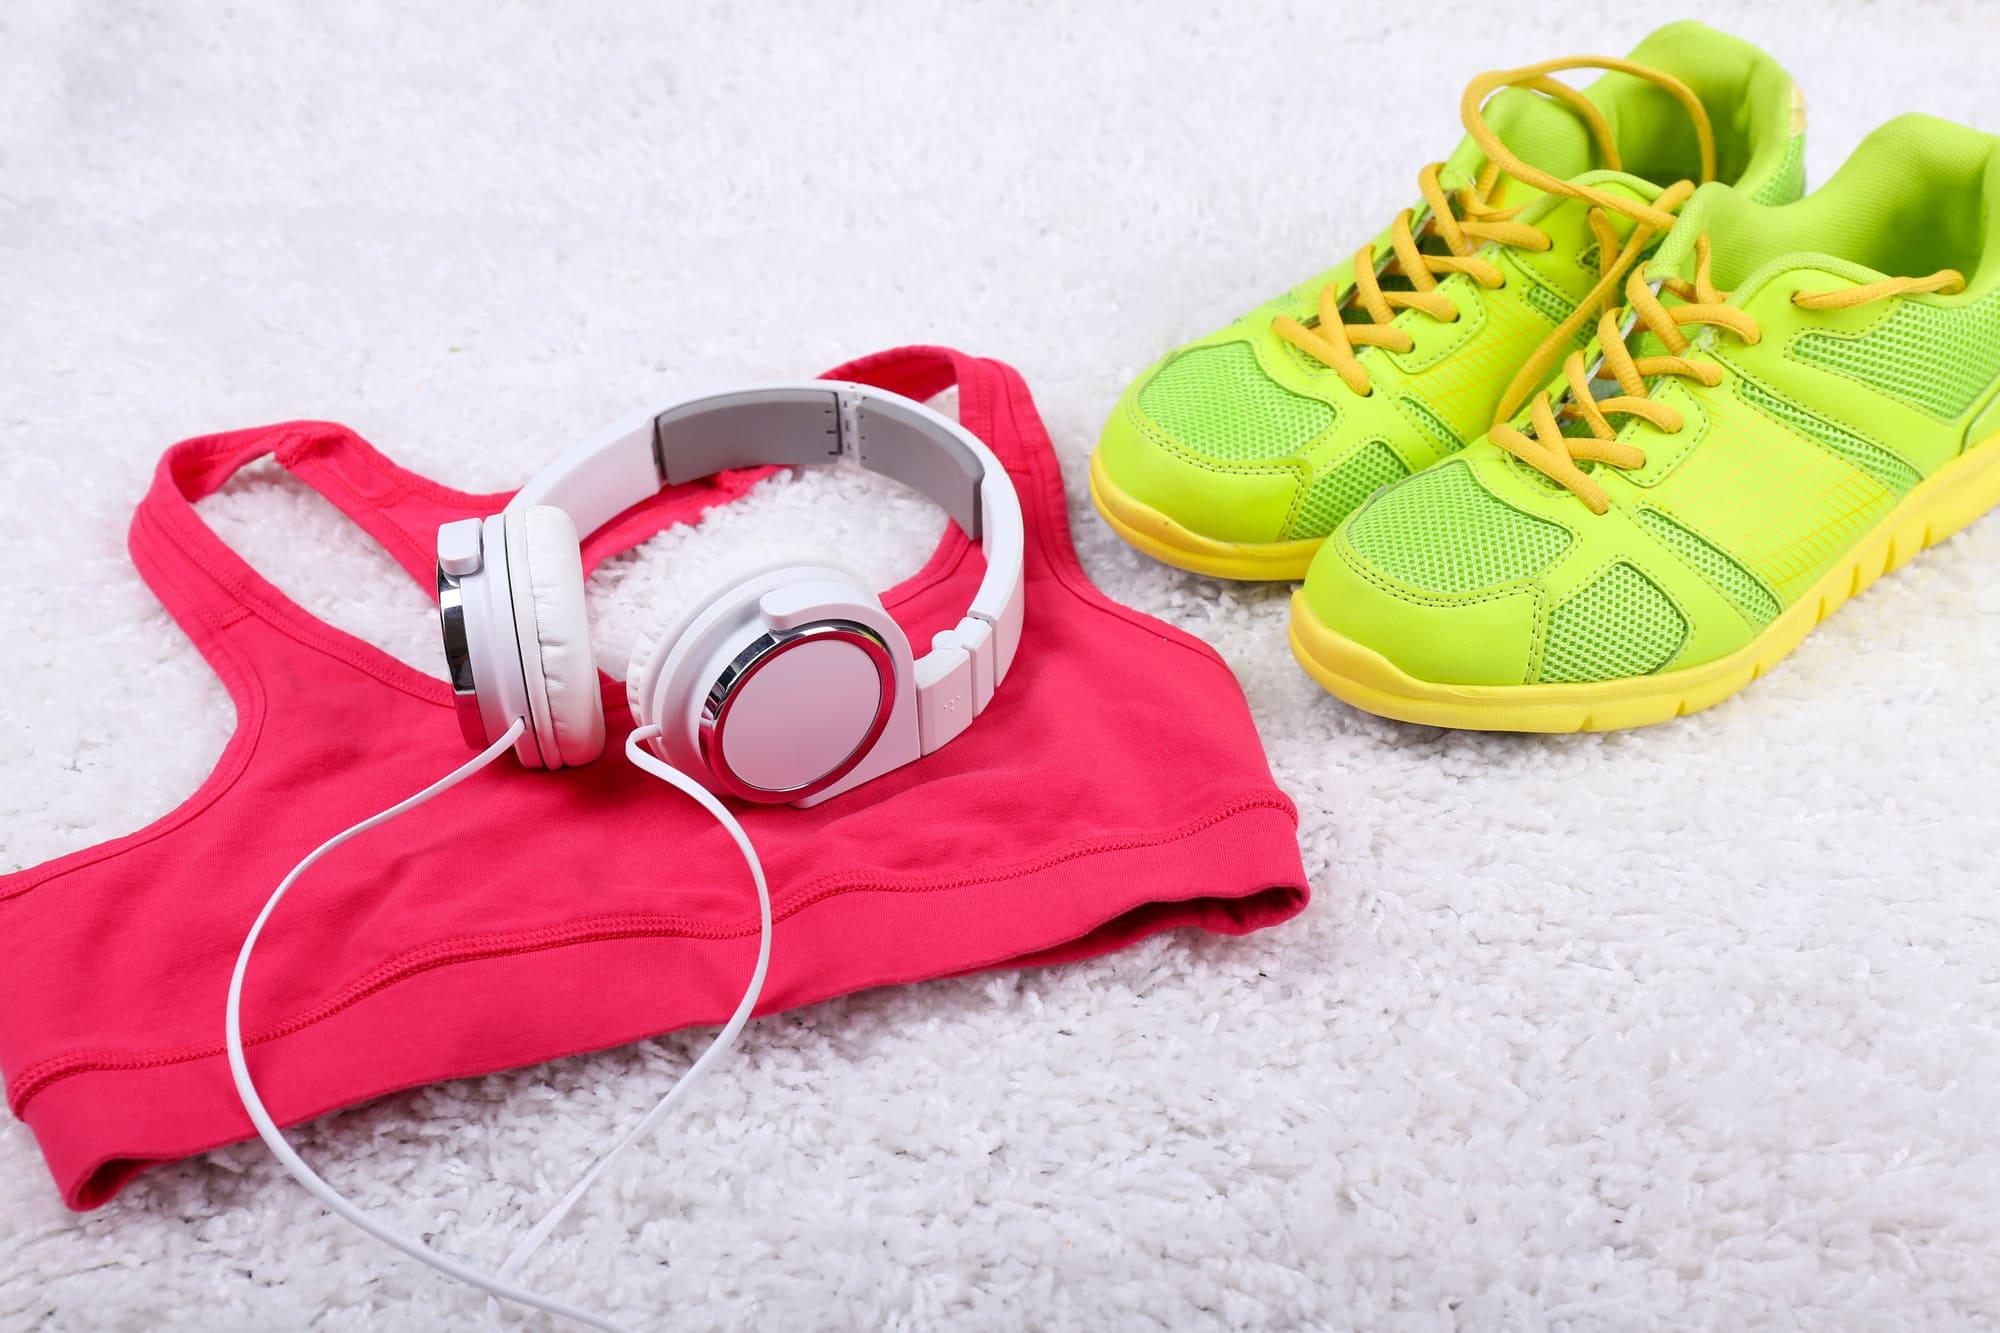 Картинки спортивной одежды и обуви, днем рождения